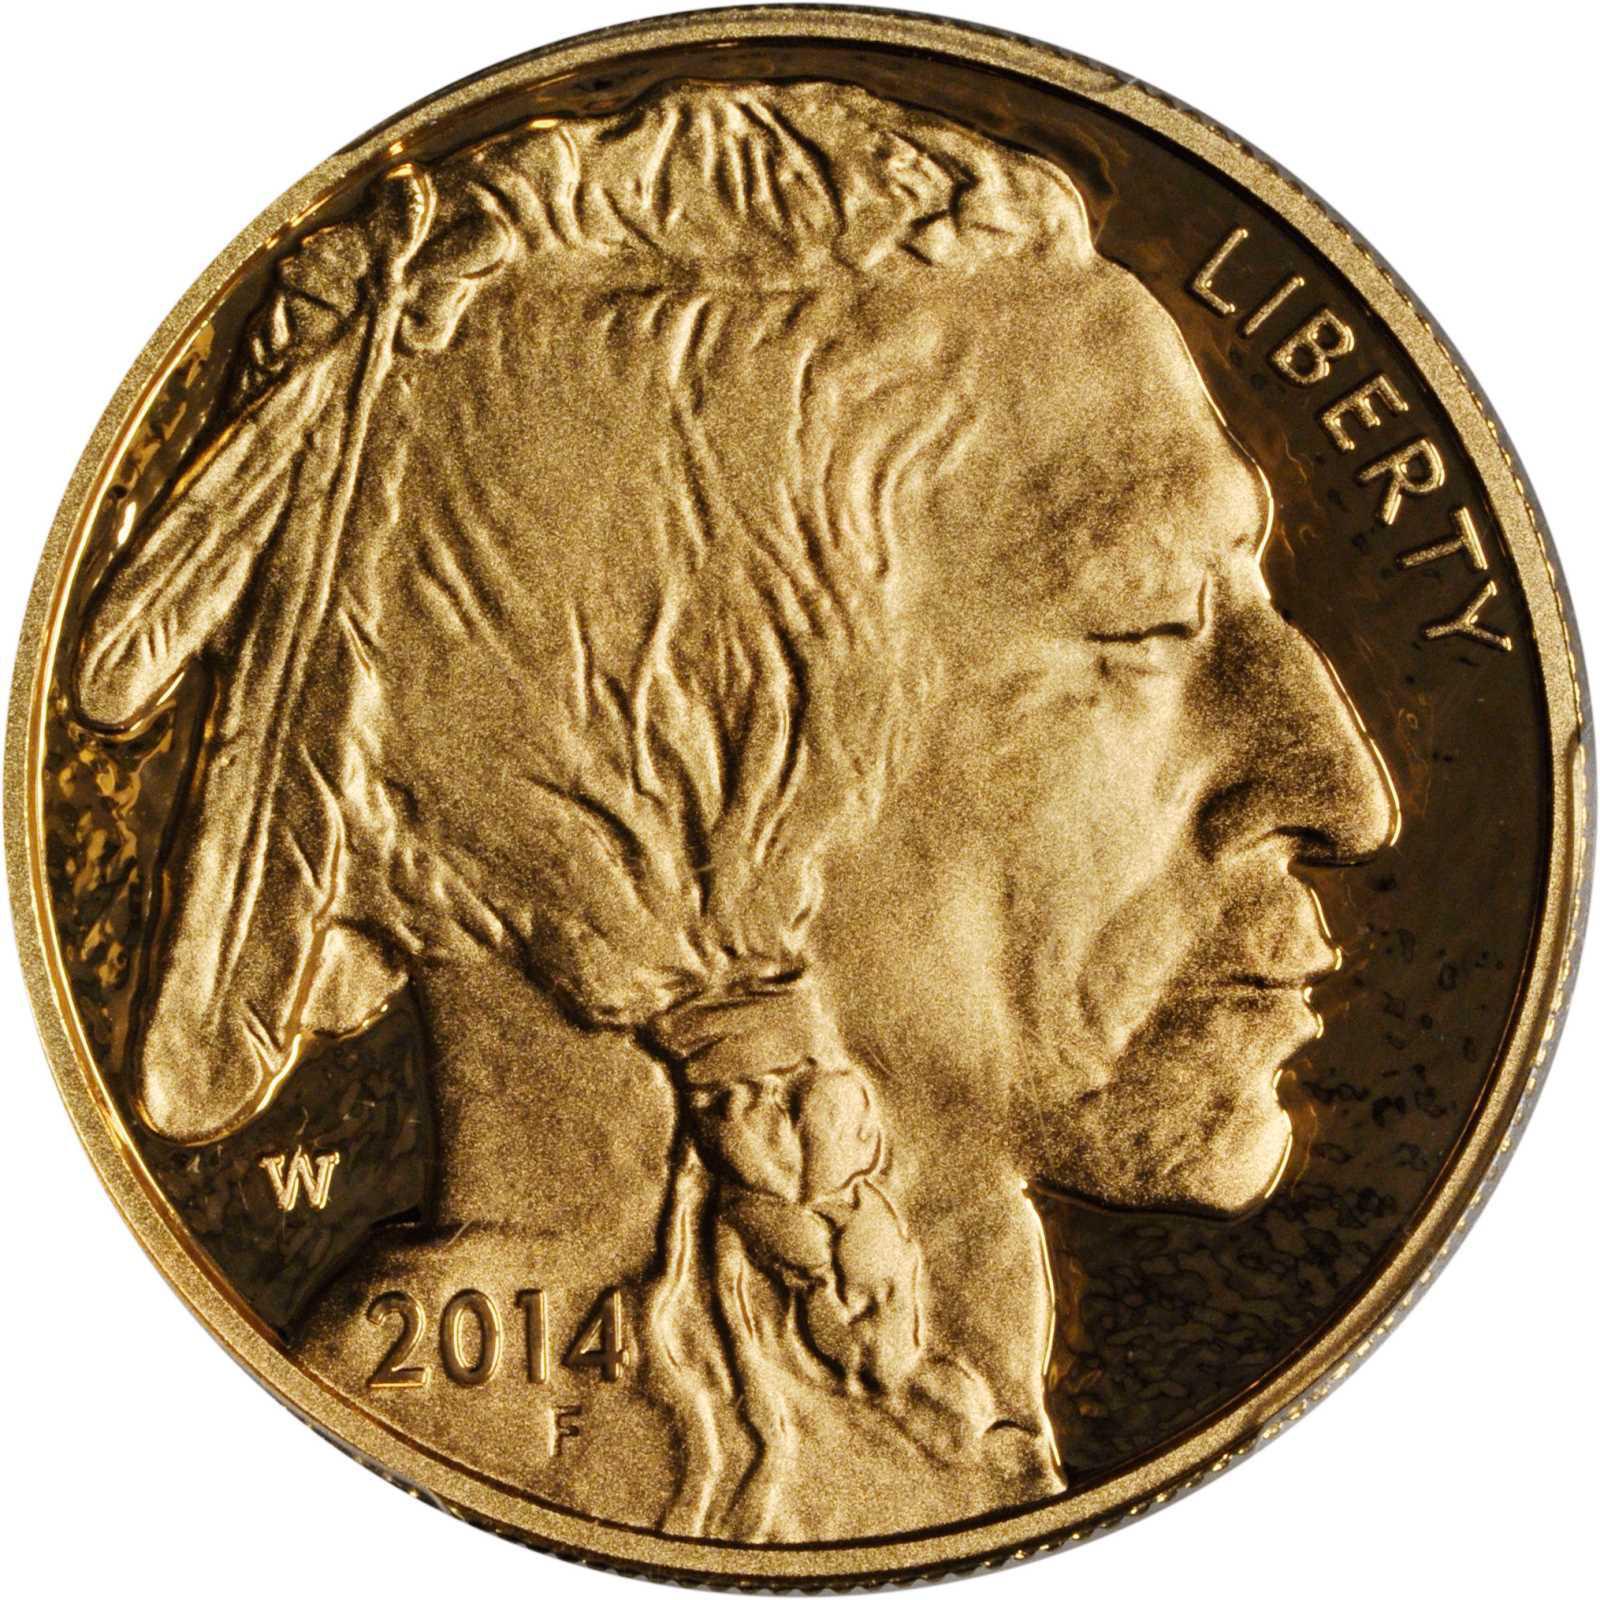 2014 buffalo coin